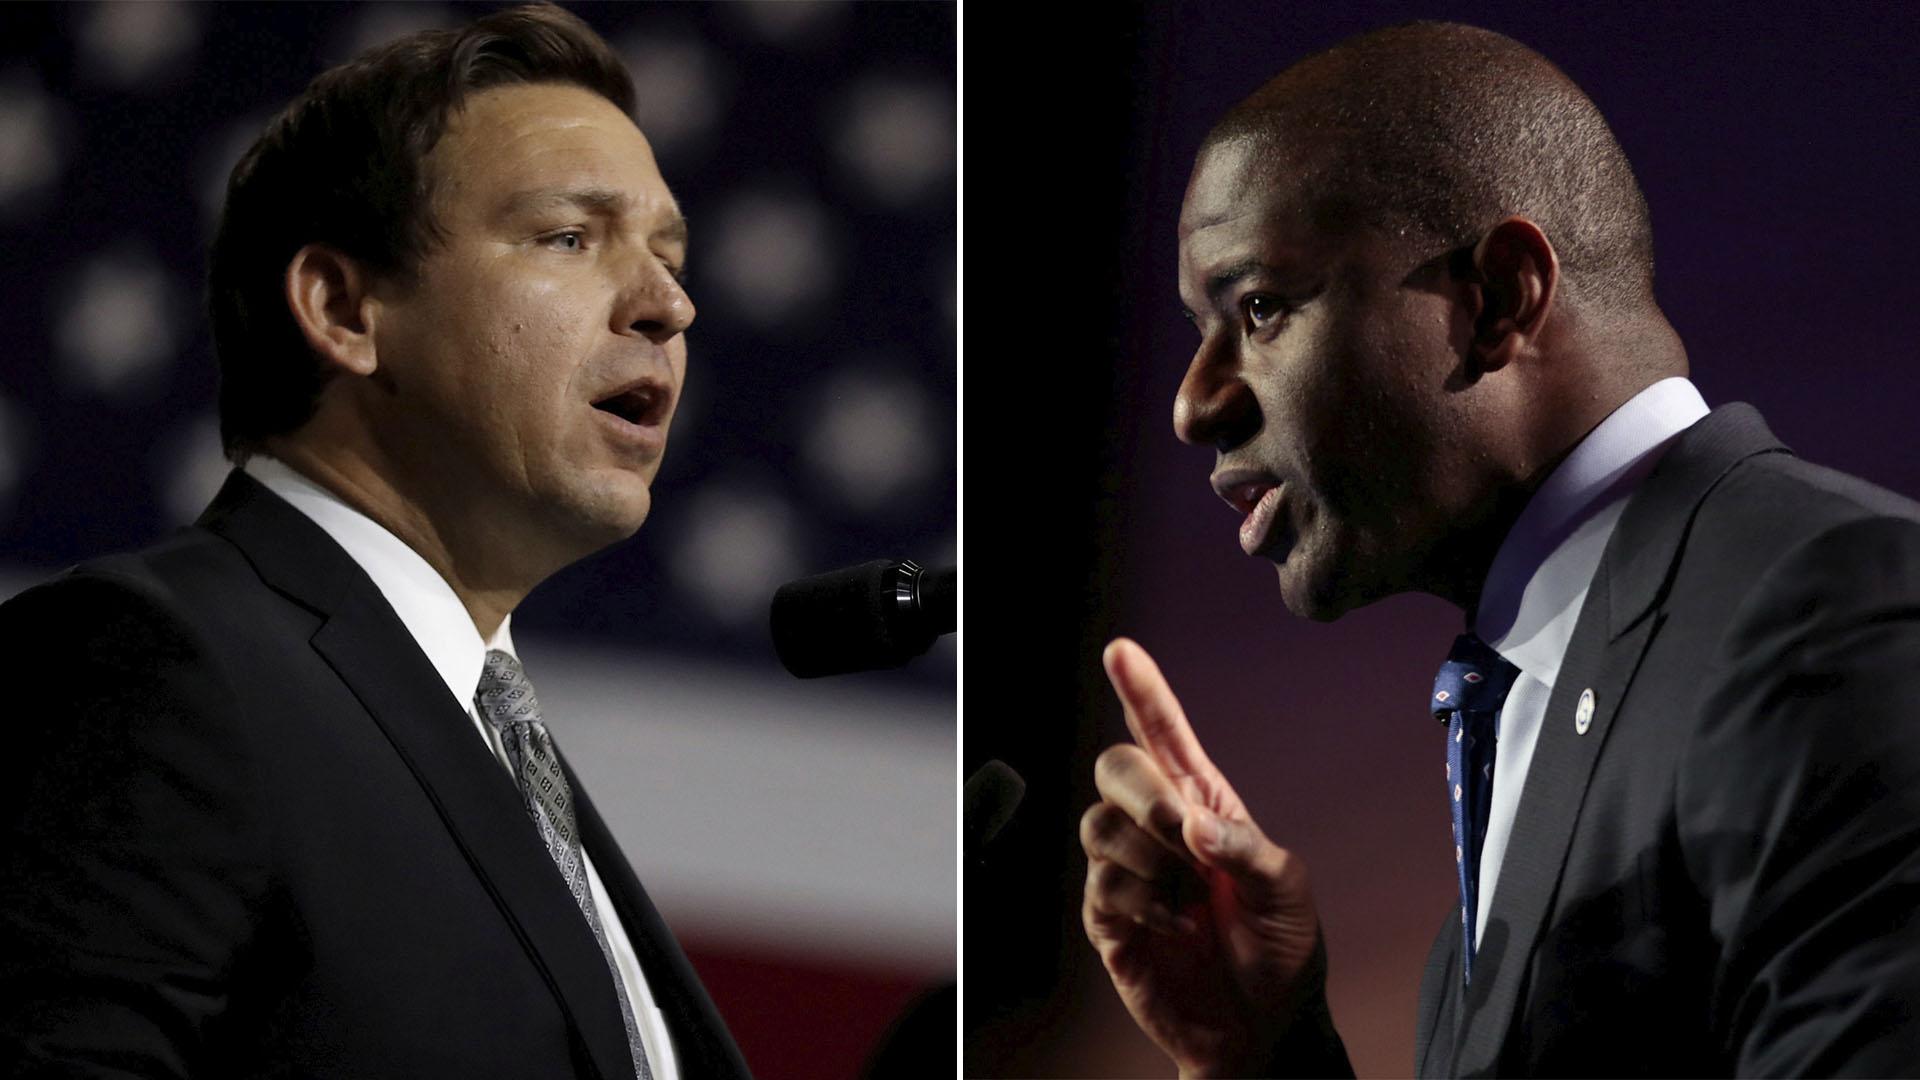 Ron DeSantis (Republicano) había celebrado el triunfo por la gobernación de Florida, y Andrew Gillum (Demócrata) había aceptado la derrota, pero la diferencia se acortó en las últimas horas